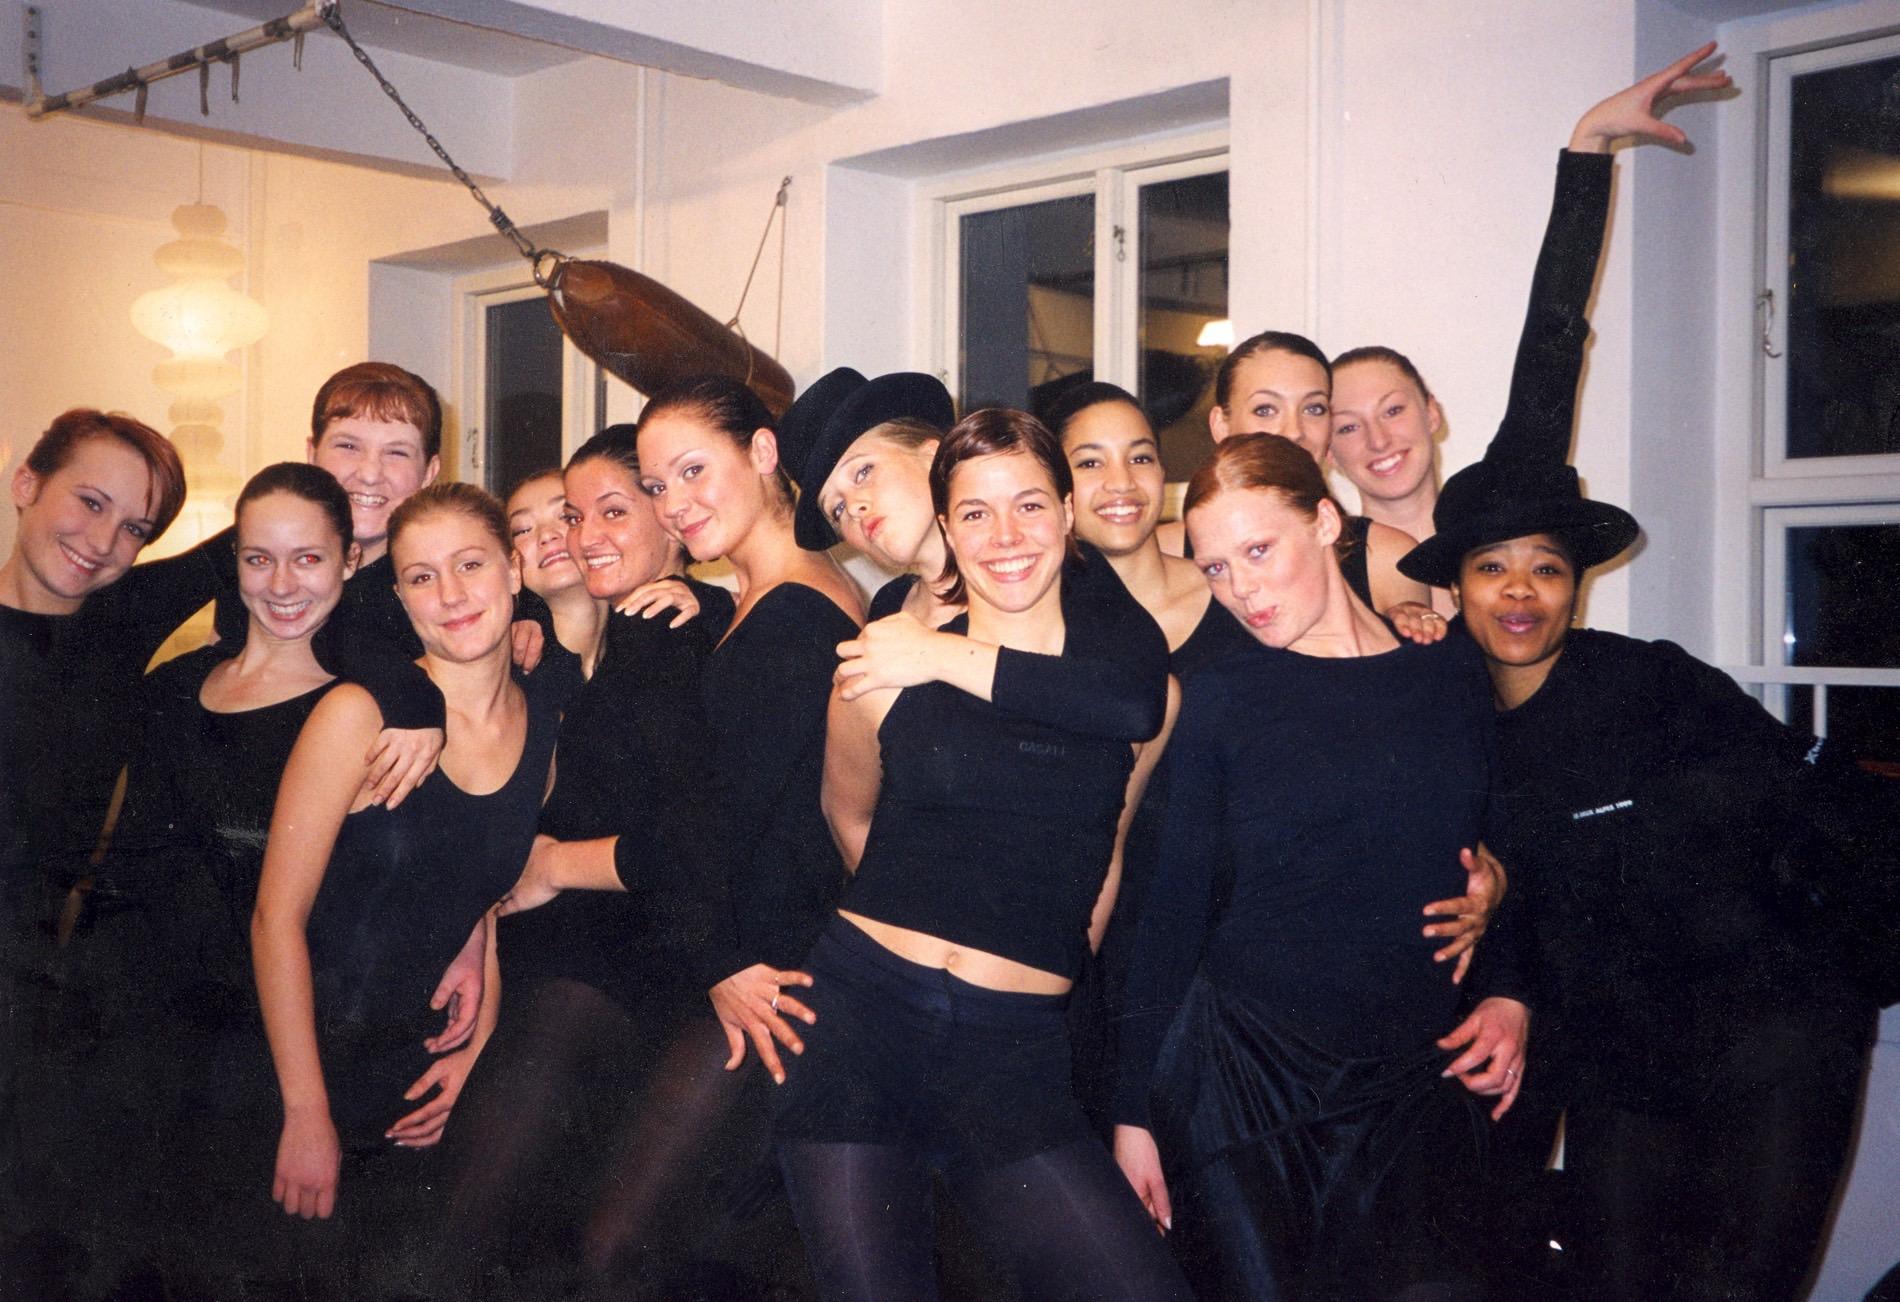 Danseuddannelse 2001 - 2002